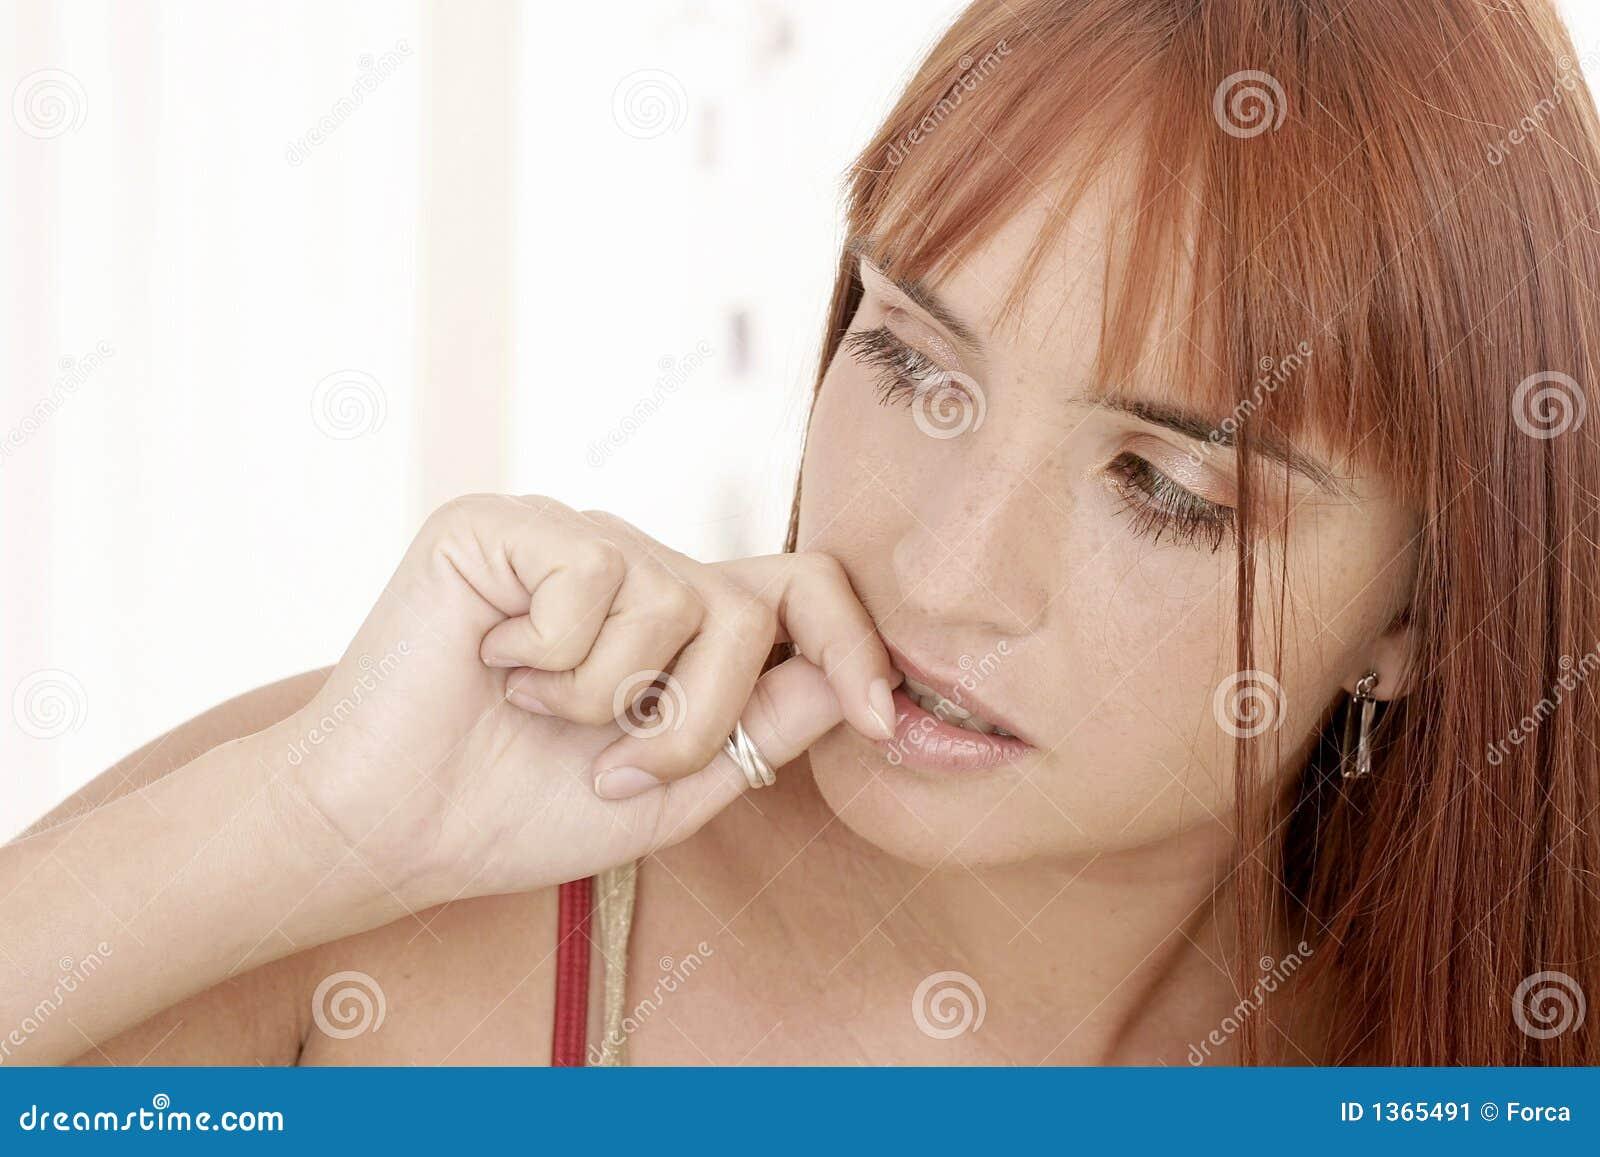 Sticka sätta fransar på henne spikar kvinnan